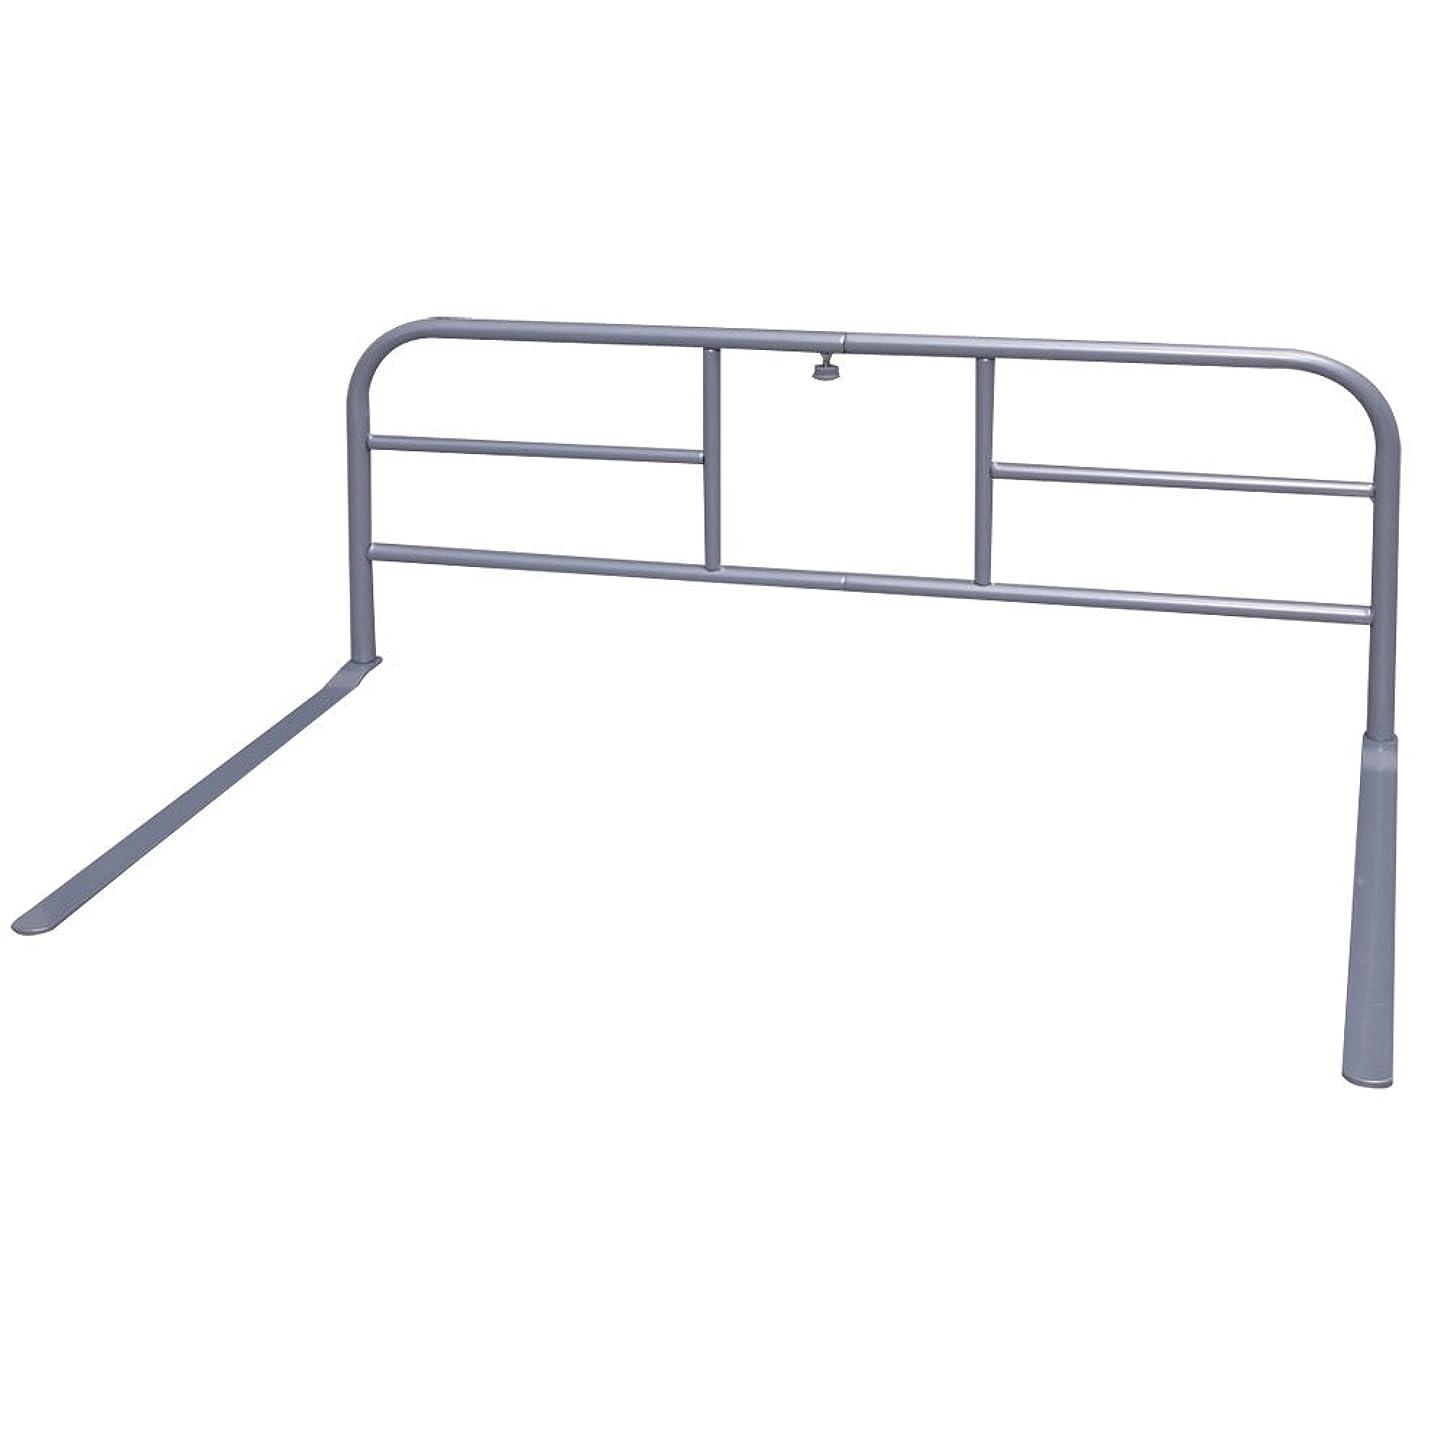 意味のある切断する欠如アイリスオーヤマ ベッドガード 伸縮 幅80.5~106cm シルバー BDG-8010